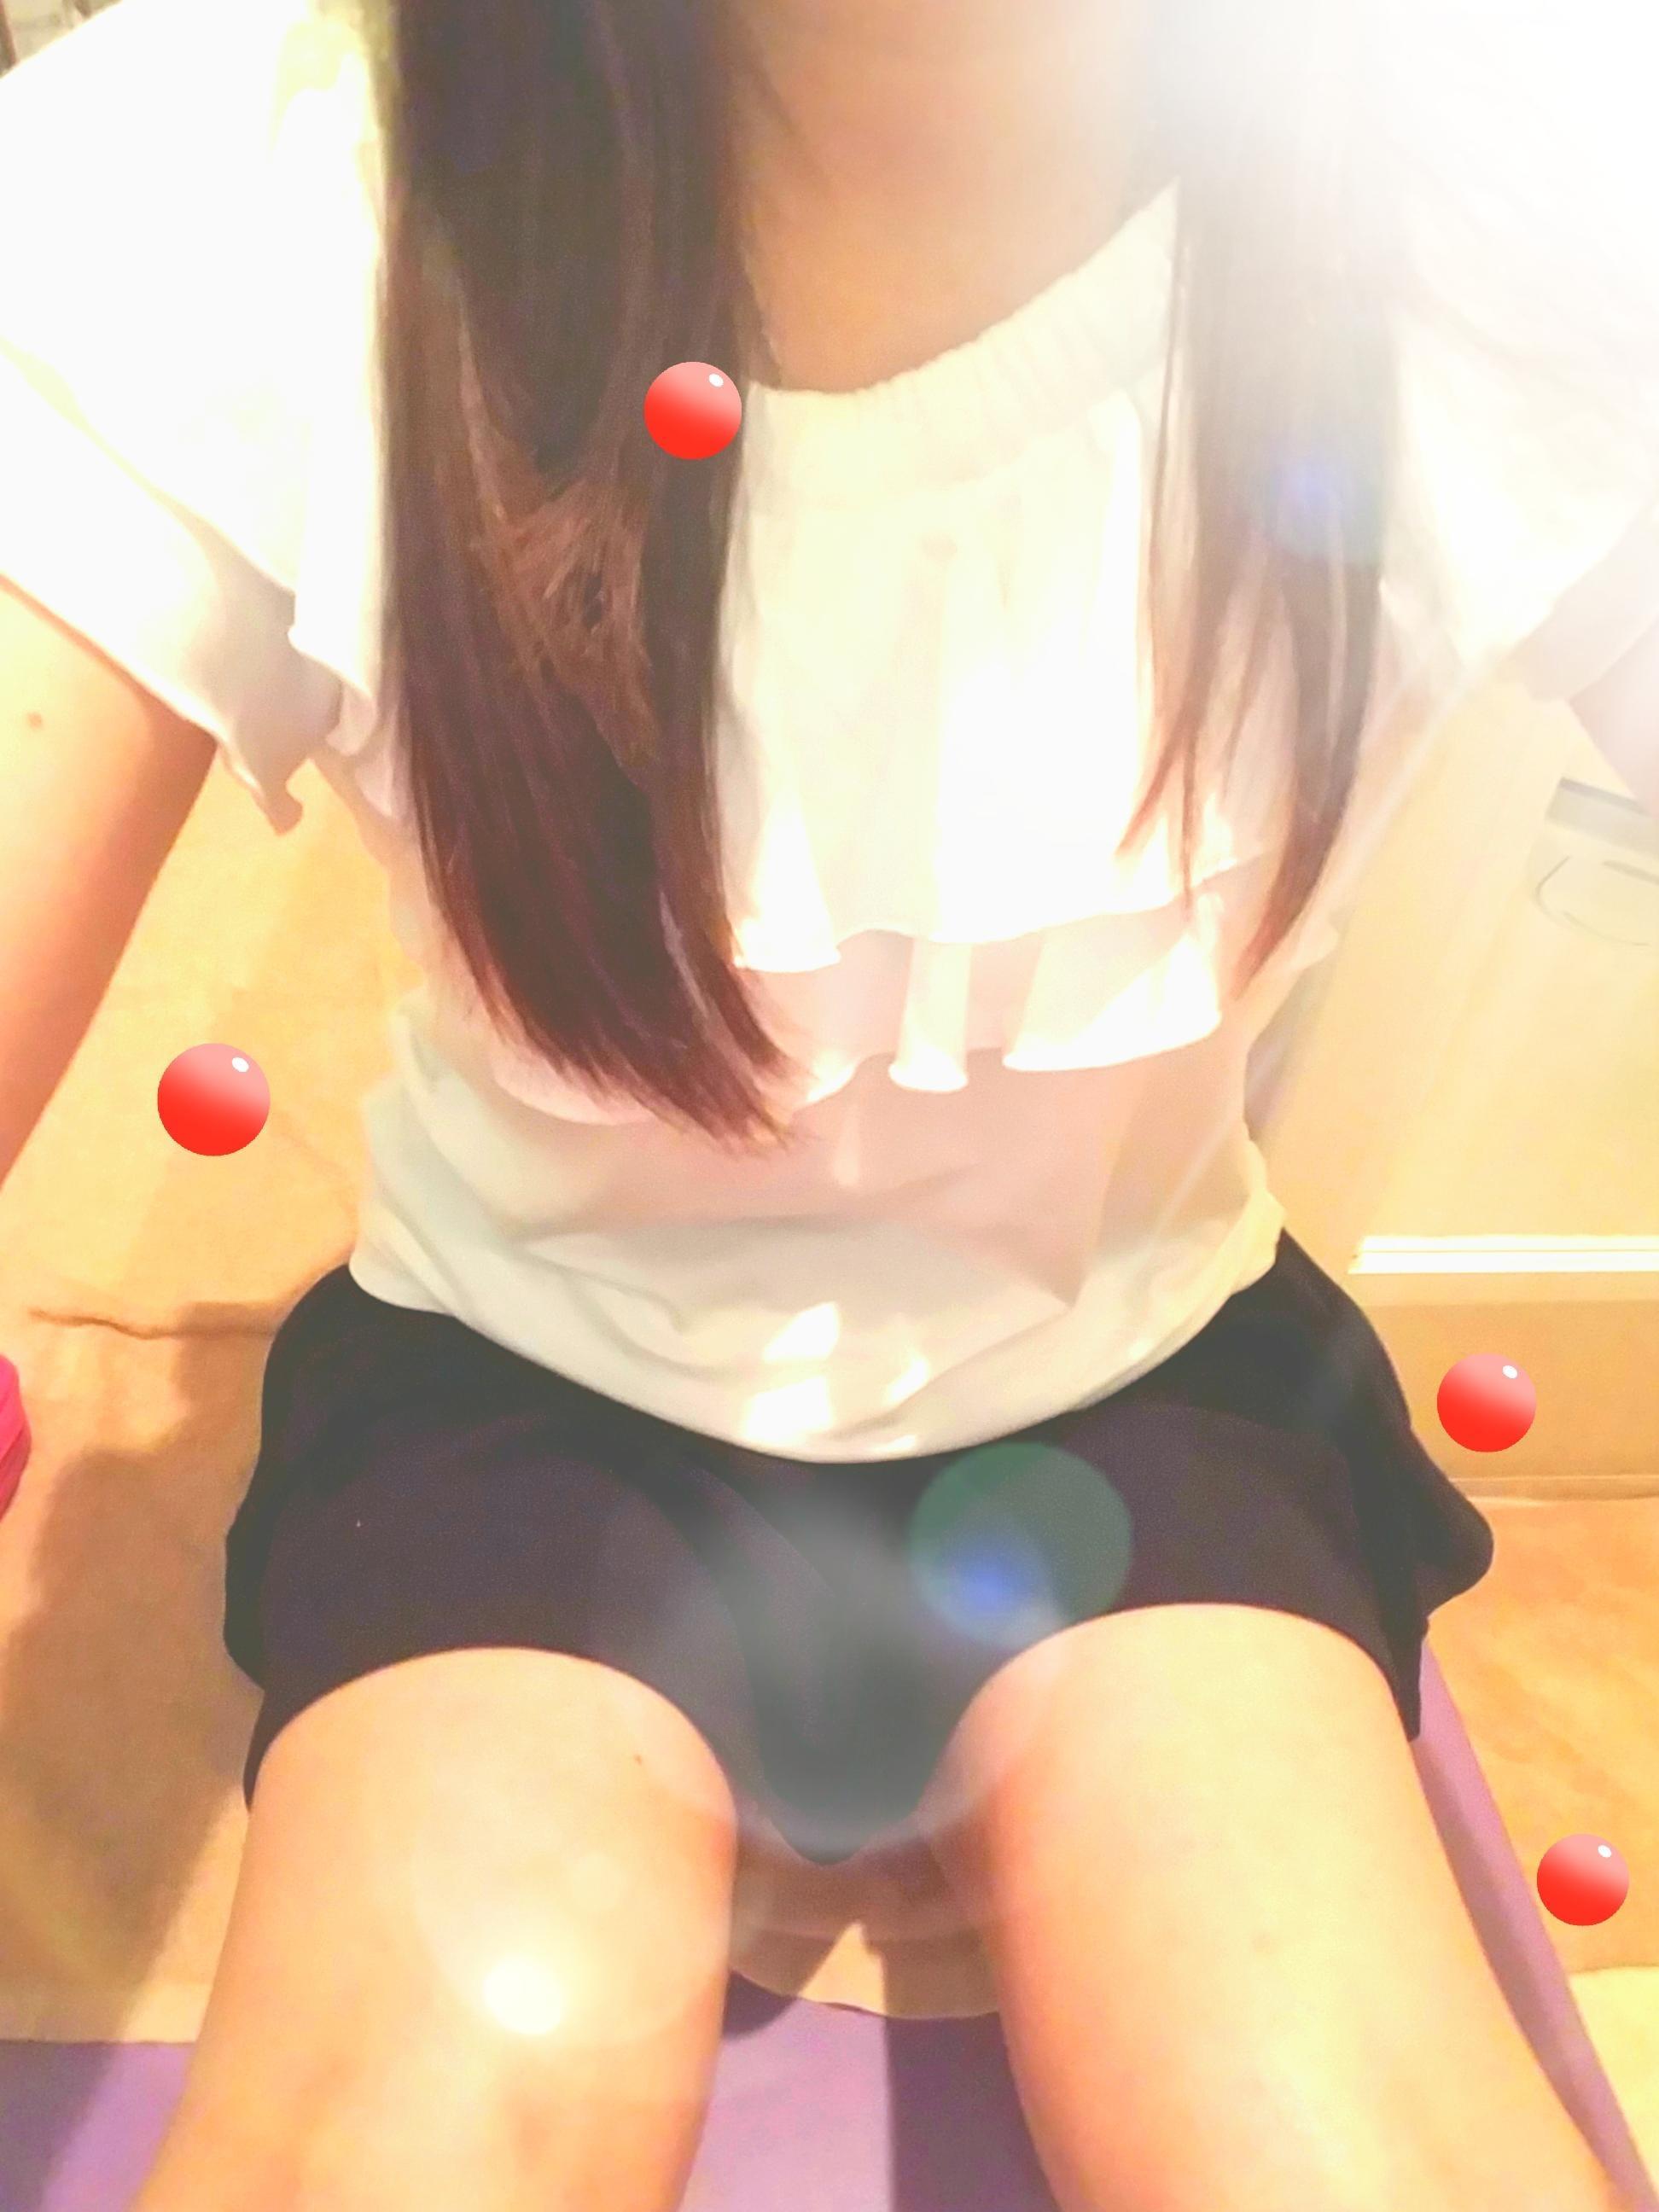 「こんにちわ」07/16(月) 09:01   水嶋みほの写メ・風俗動画